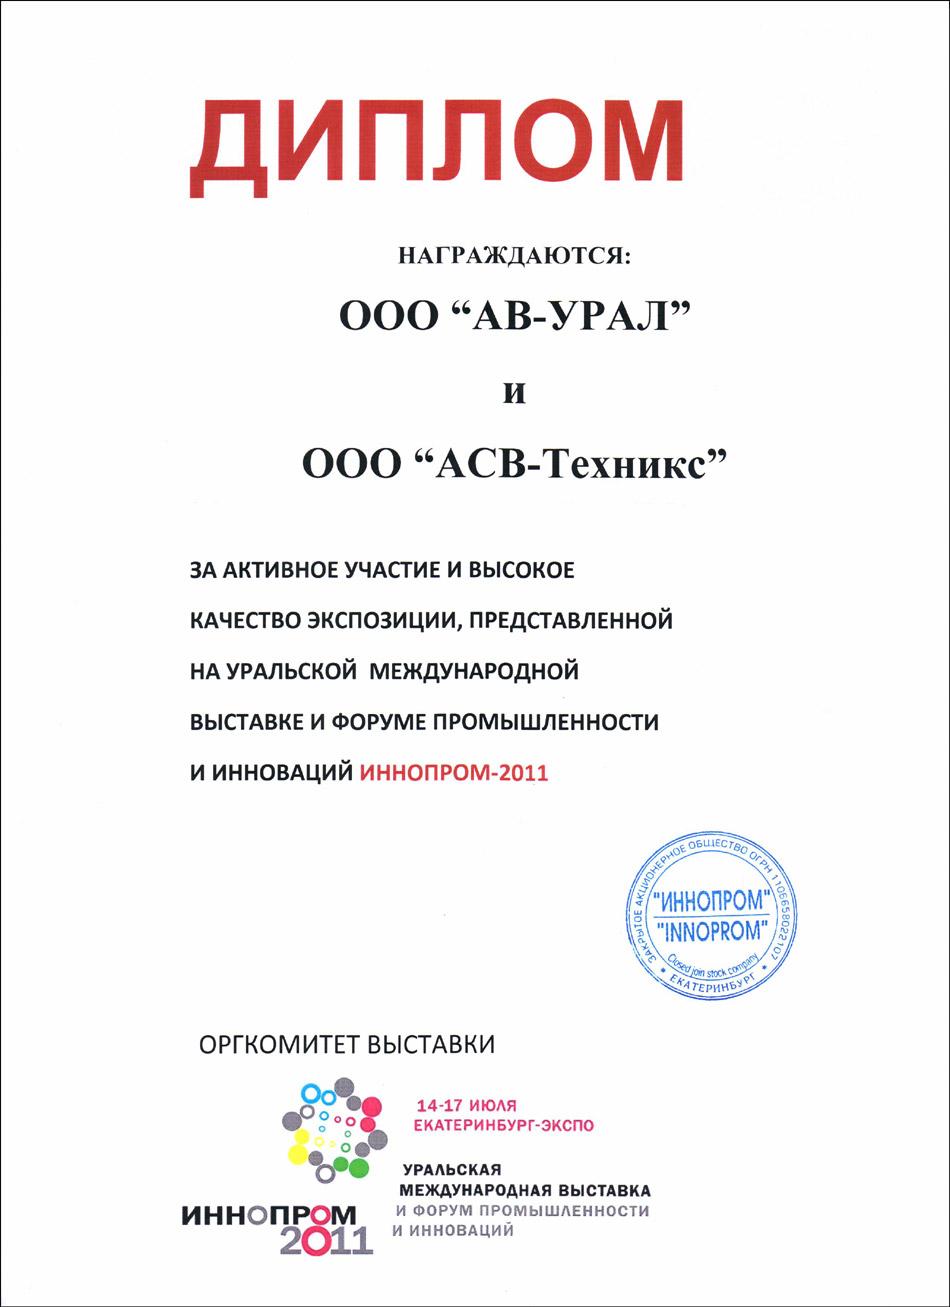 Обнинские видеорегистраторы были высоко оценены на Урале